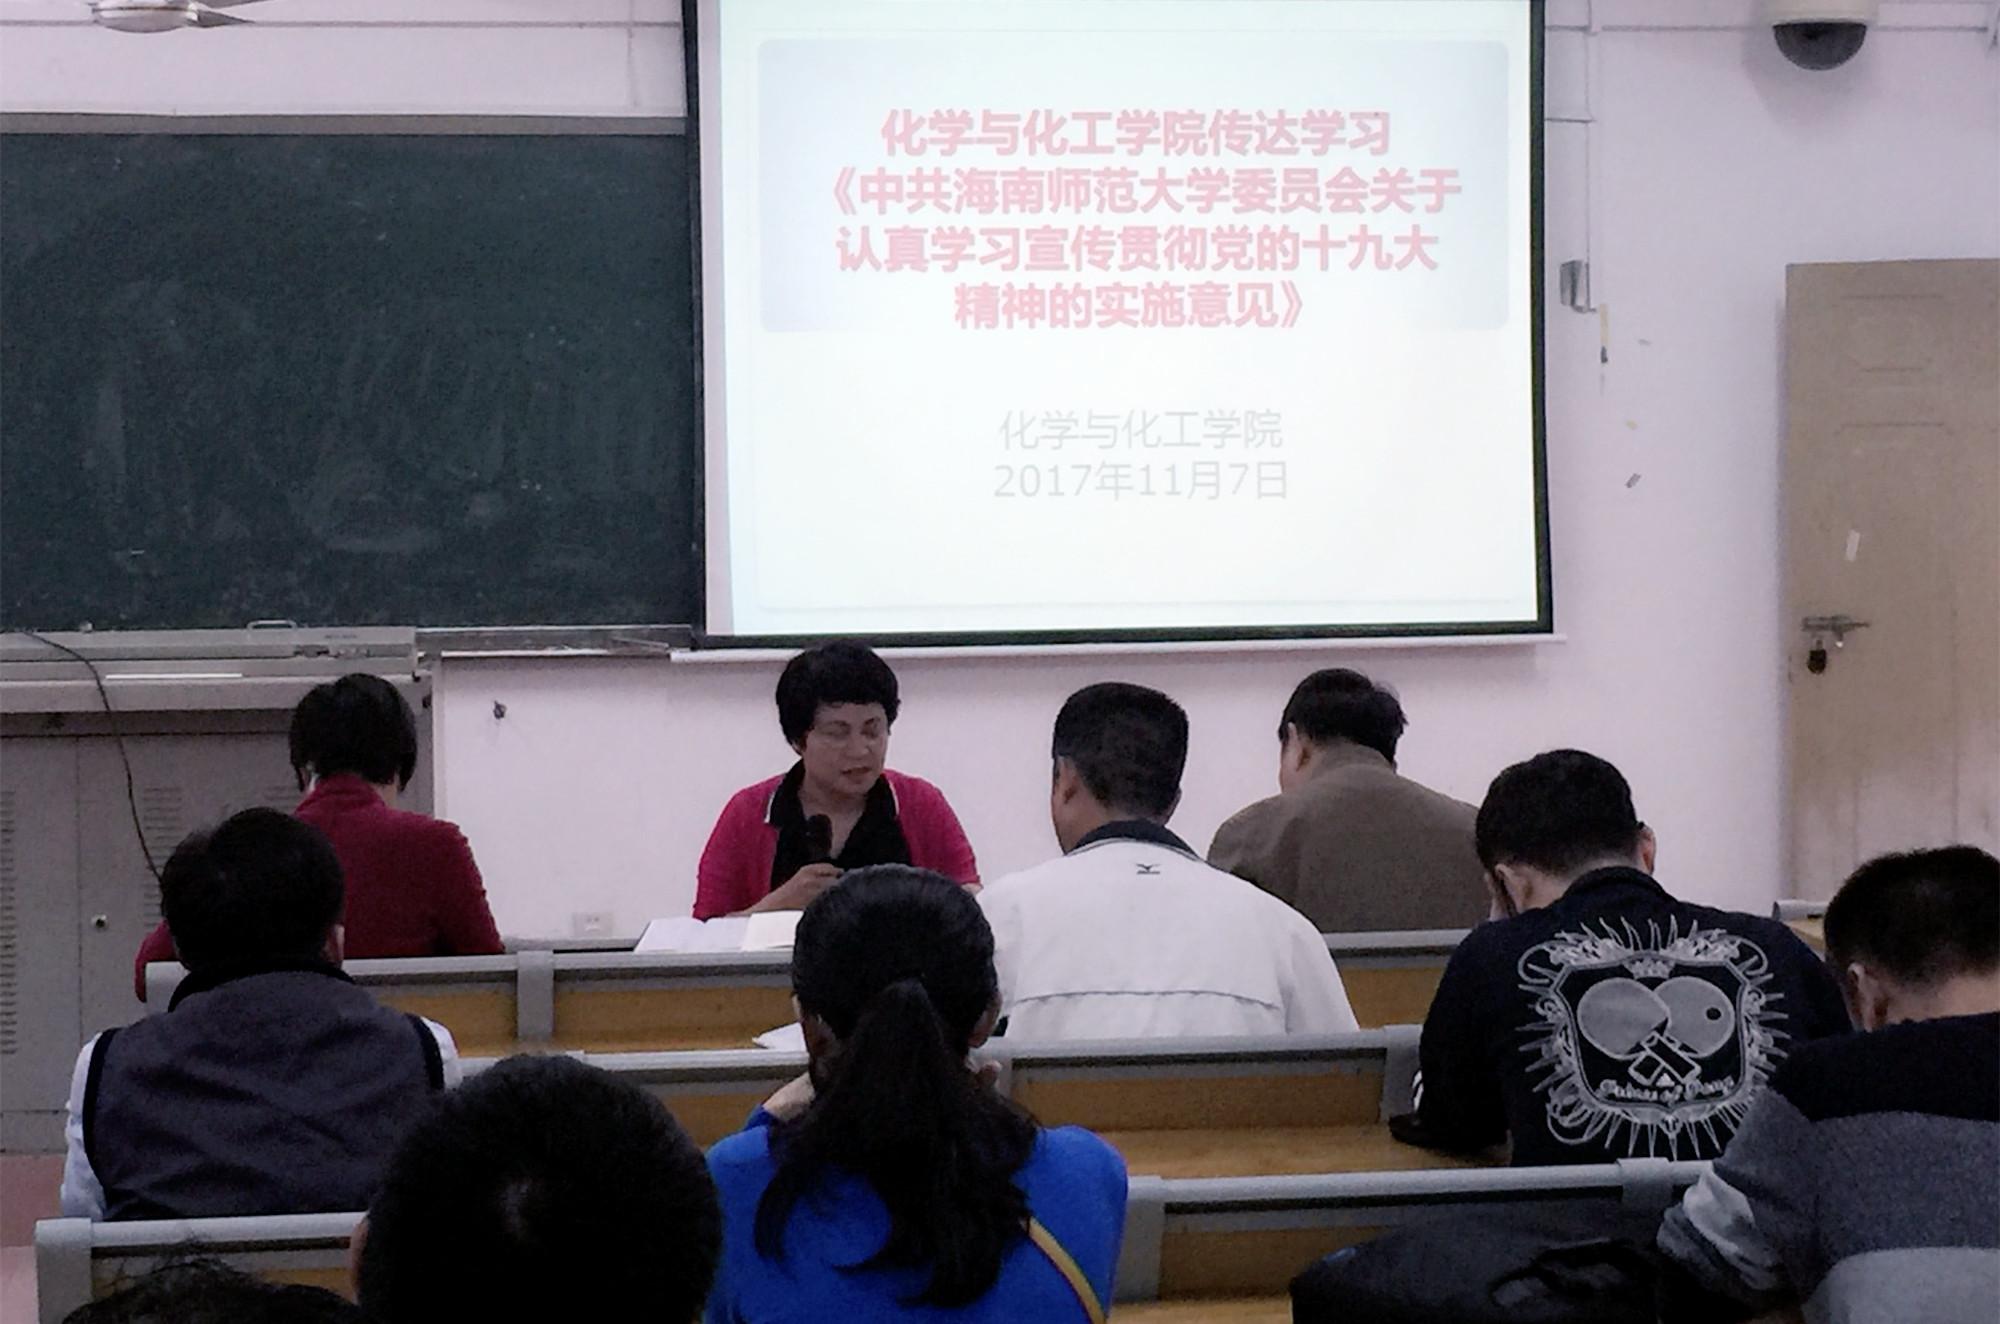 【学习贯彻十九大进行时】各单位学习《中共海南师范大学委员会关于认真学习宣传贯彻党